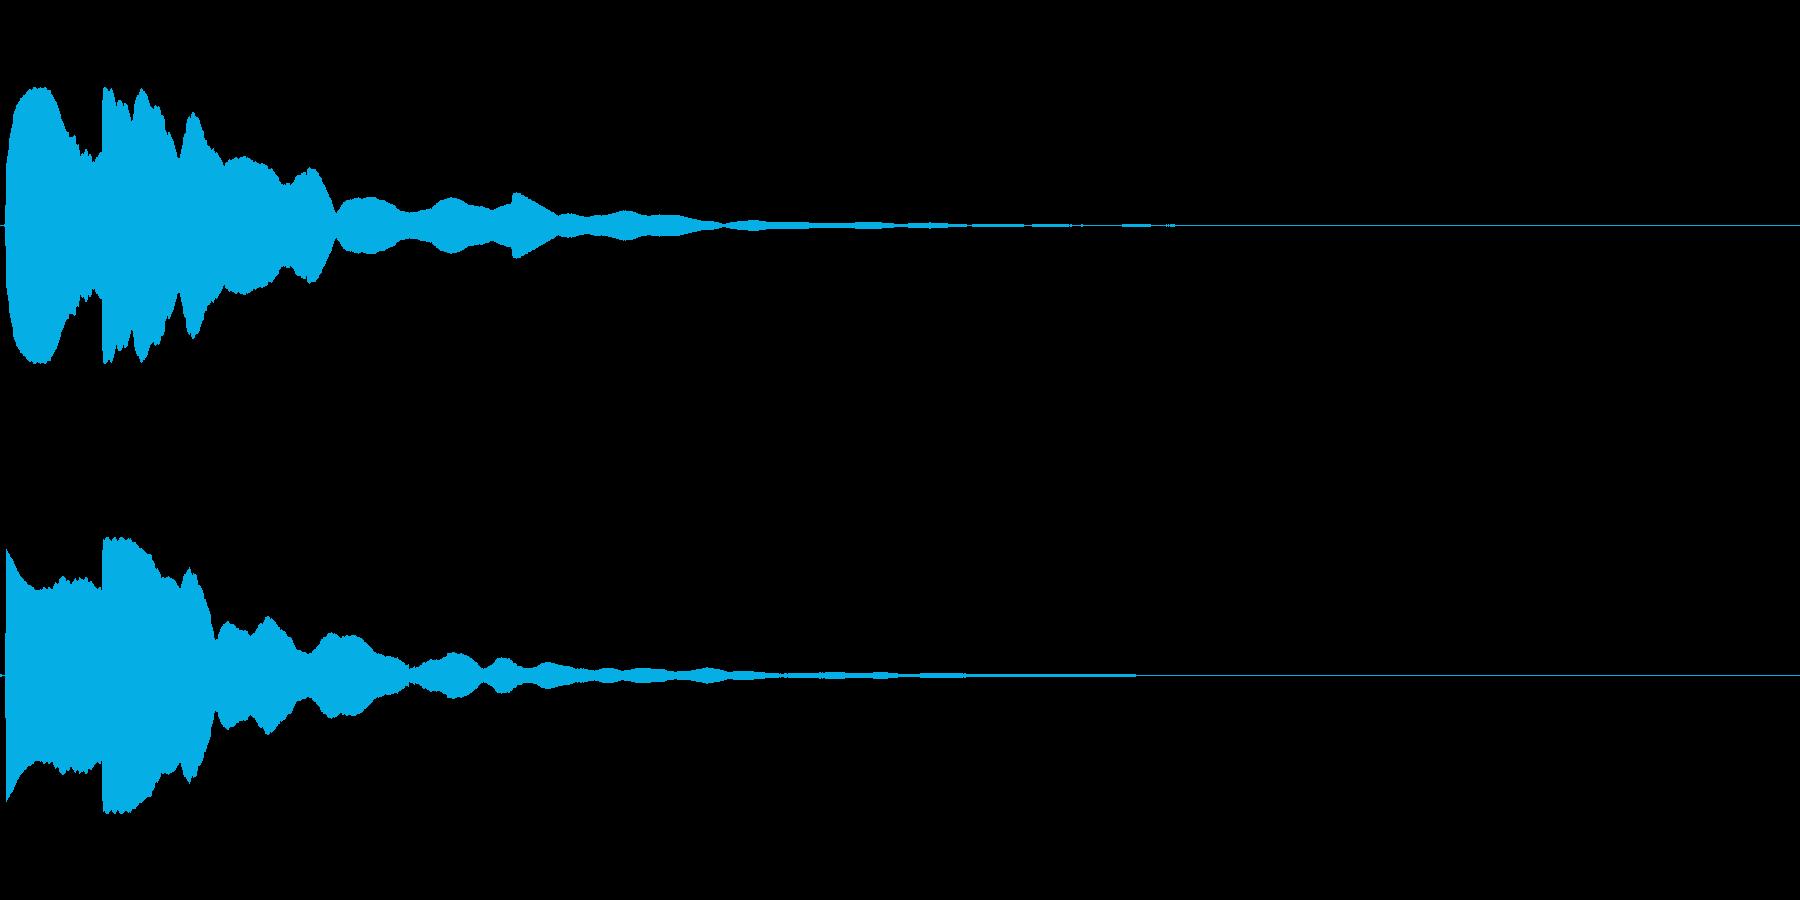 【システム音セット03-クリック】の再生済みの波形